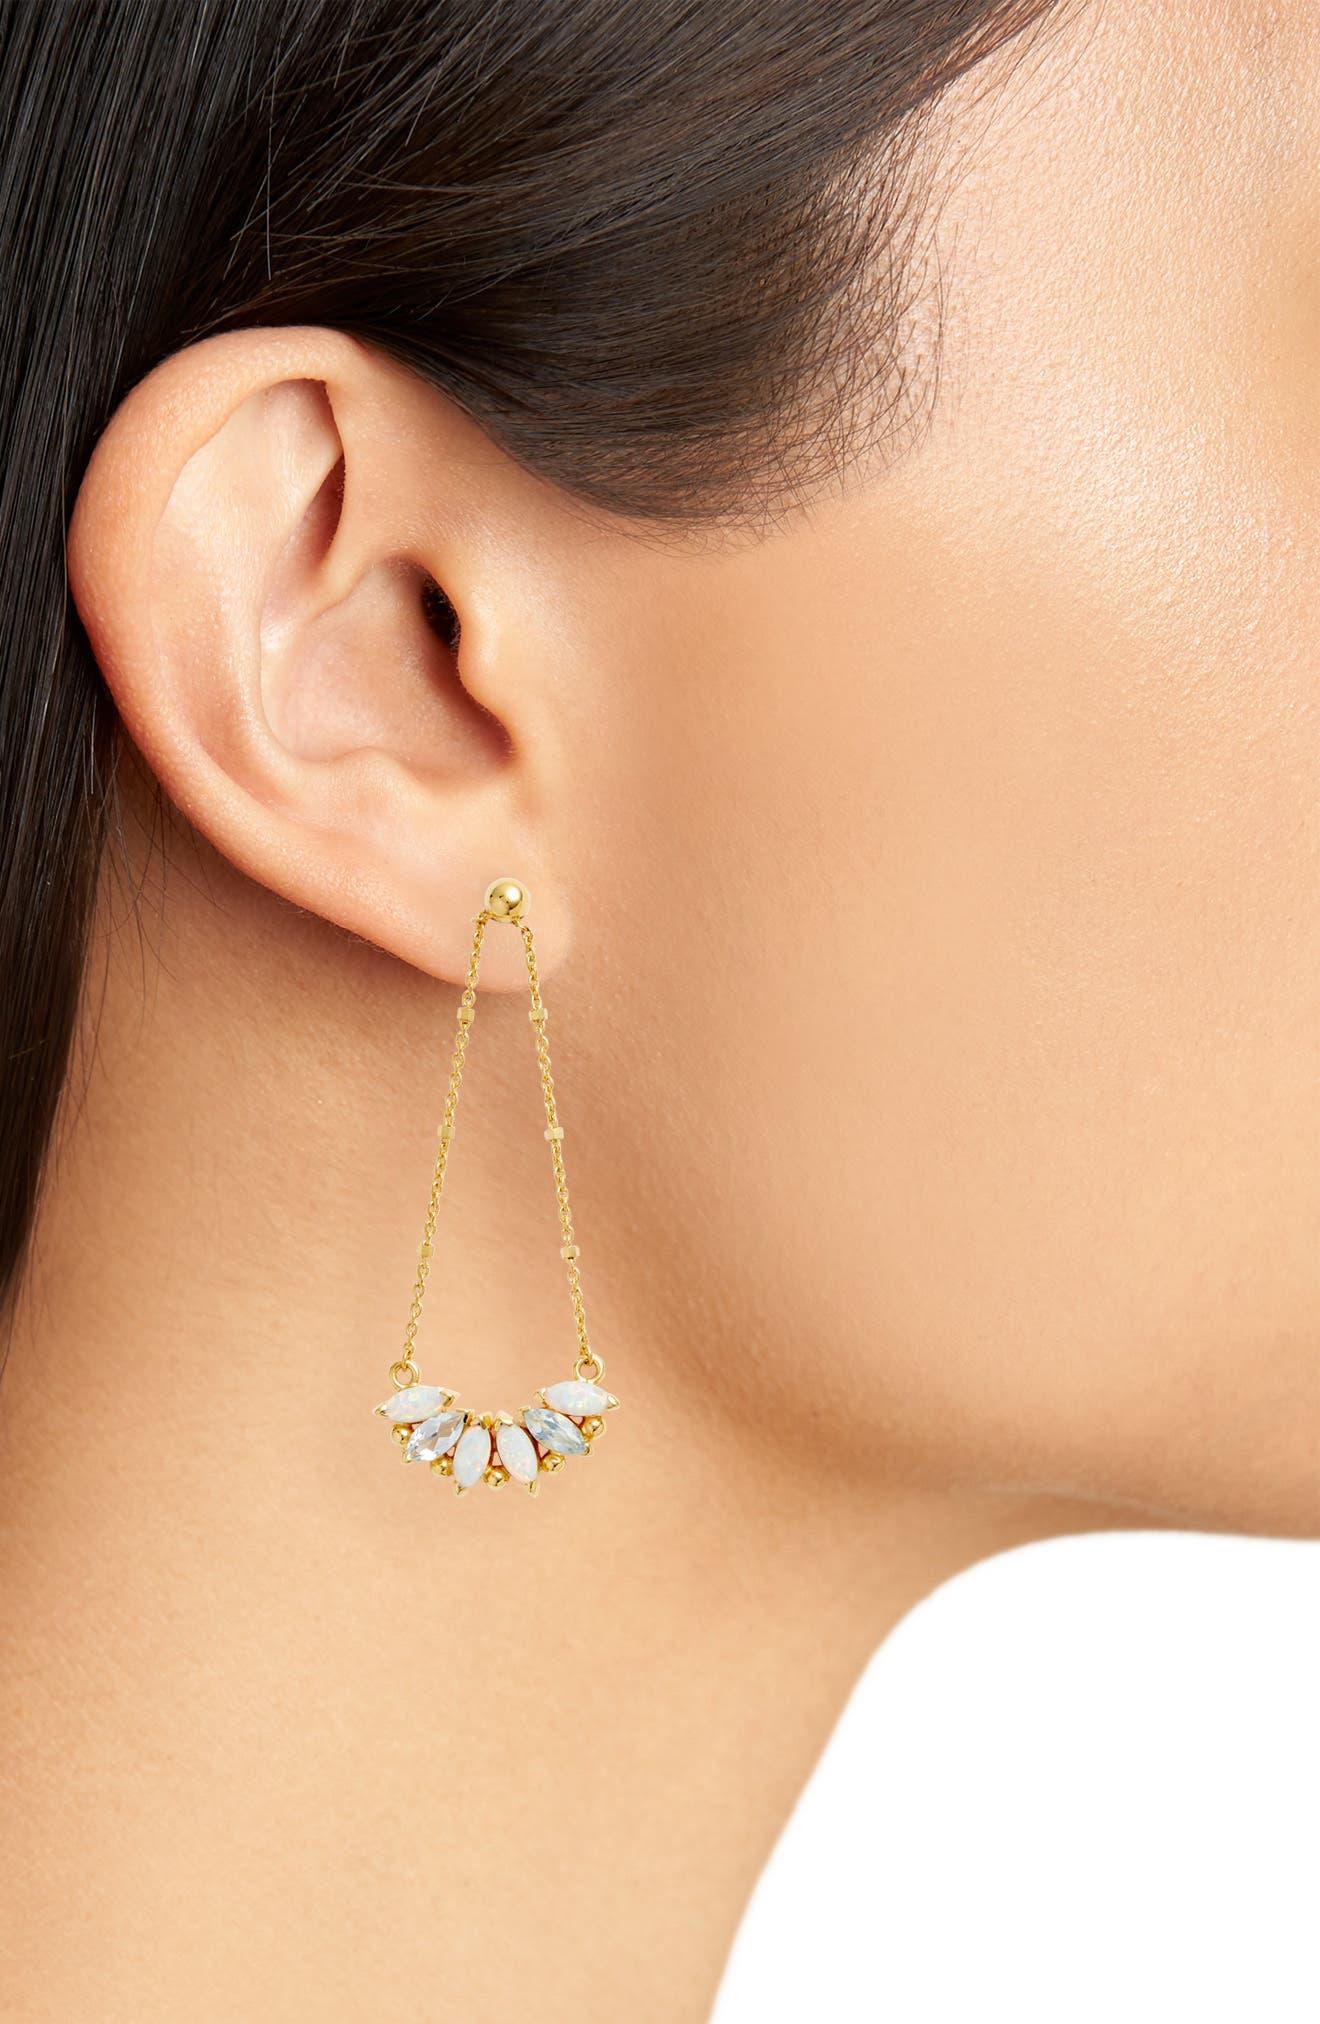 Sydney Multi-Stone Chandelier Earrings,                             Alternate thumbnail 2, color,                             710